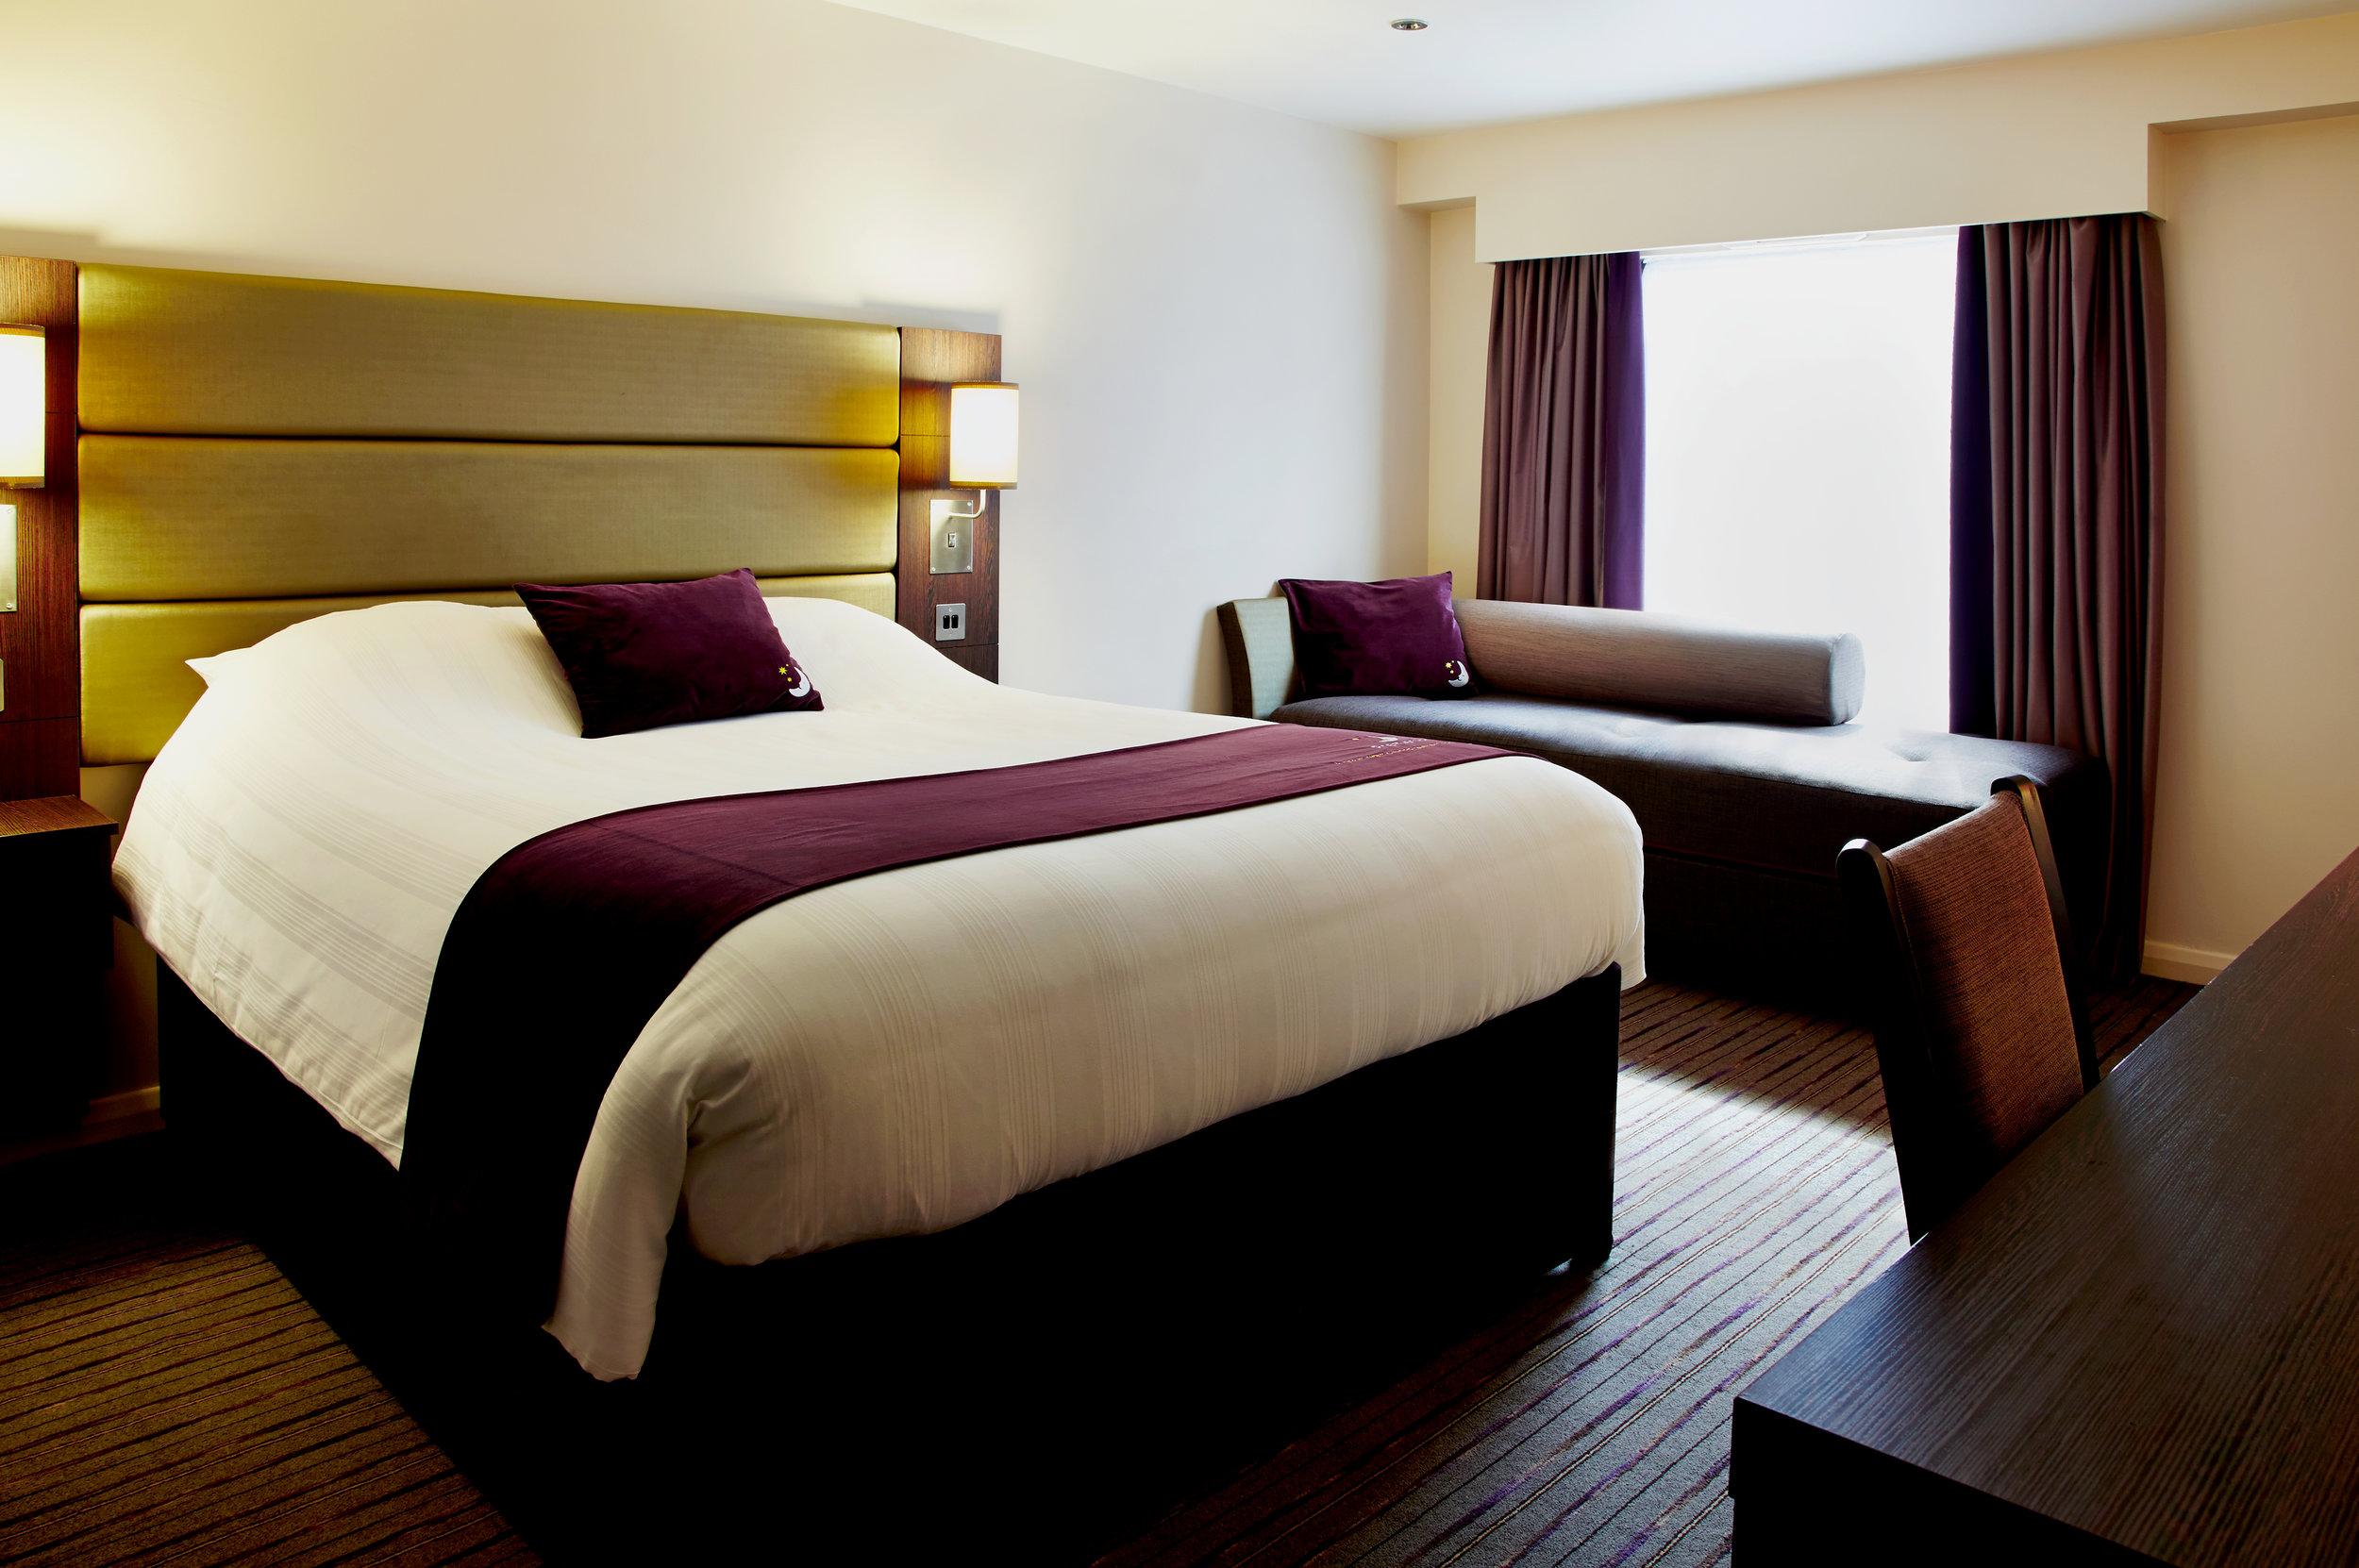 Premier Inn room.jpg